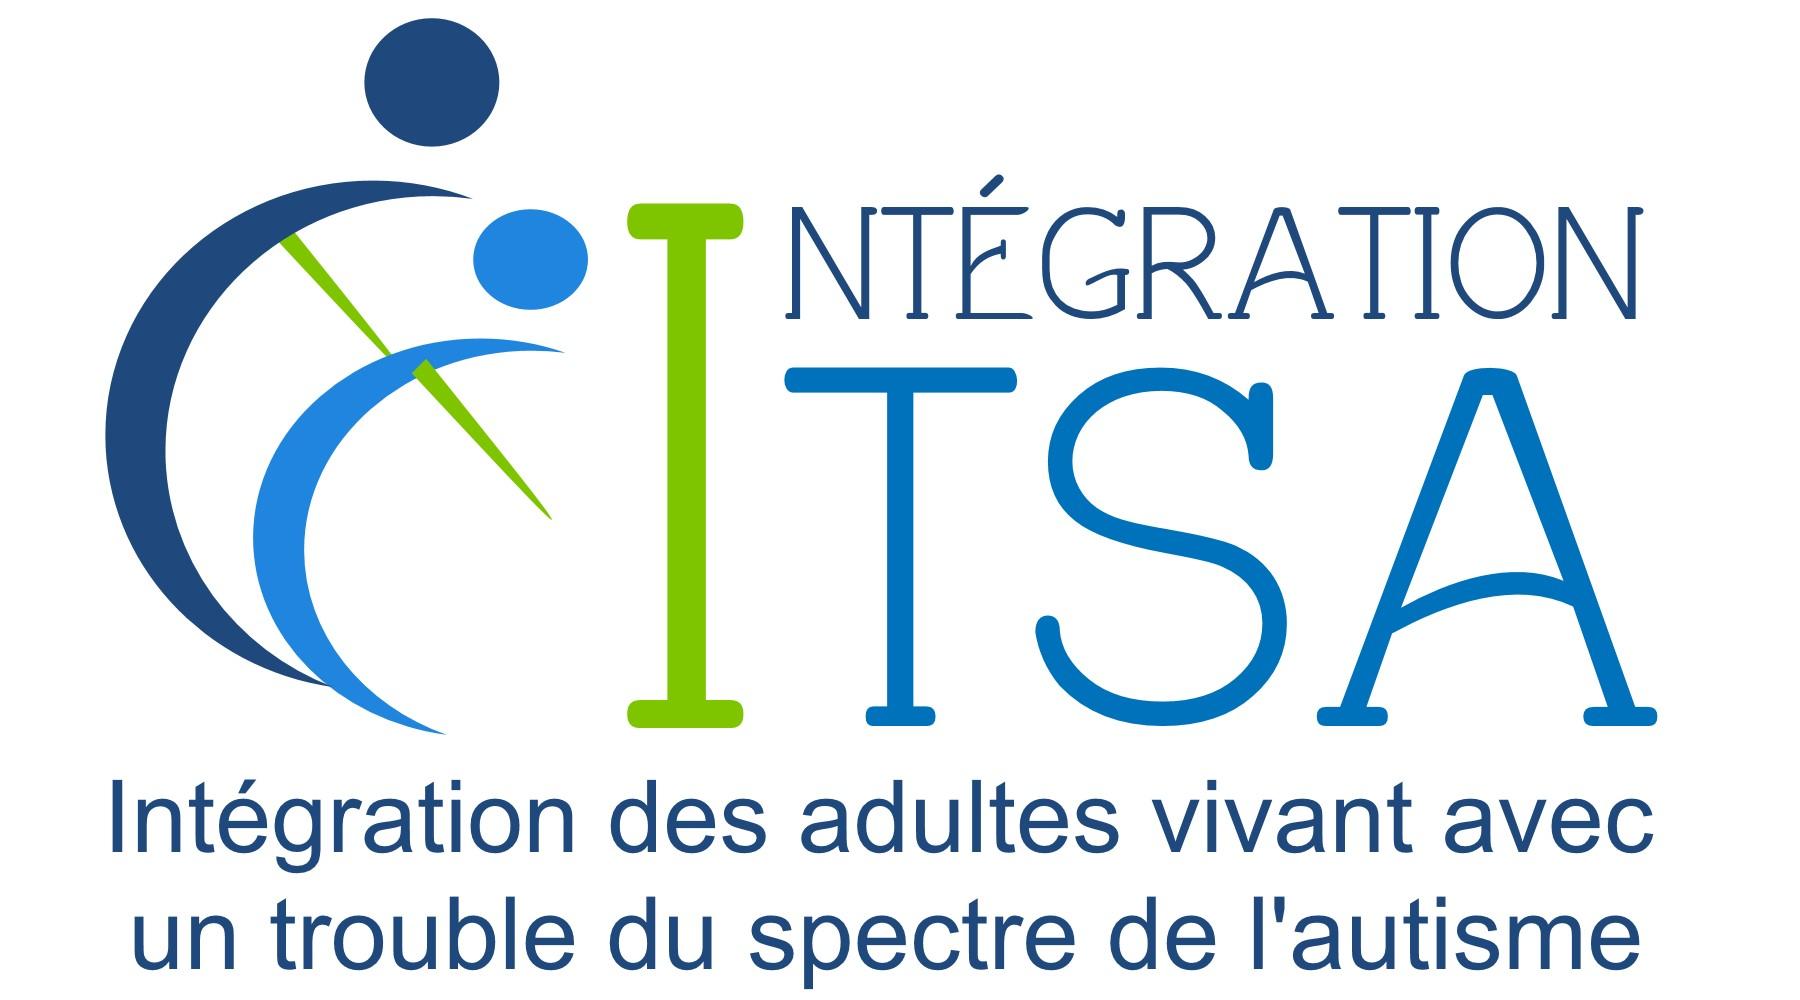 Intégration TSA